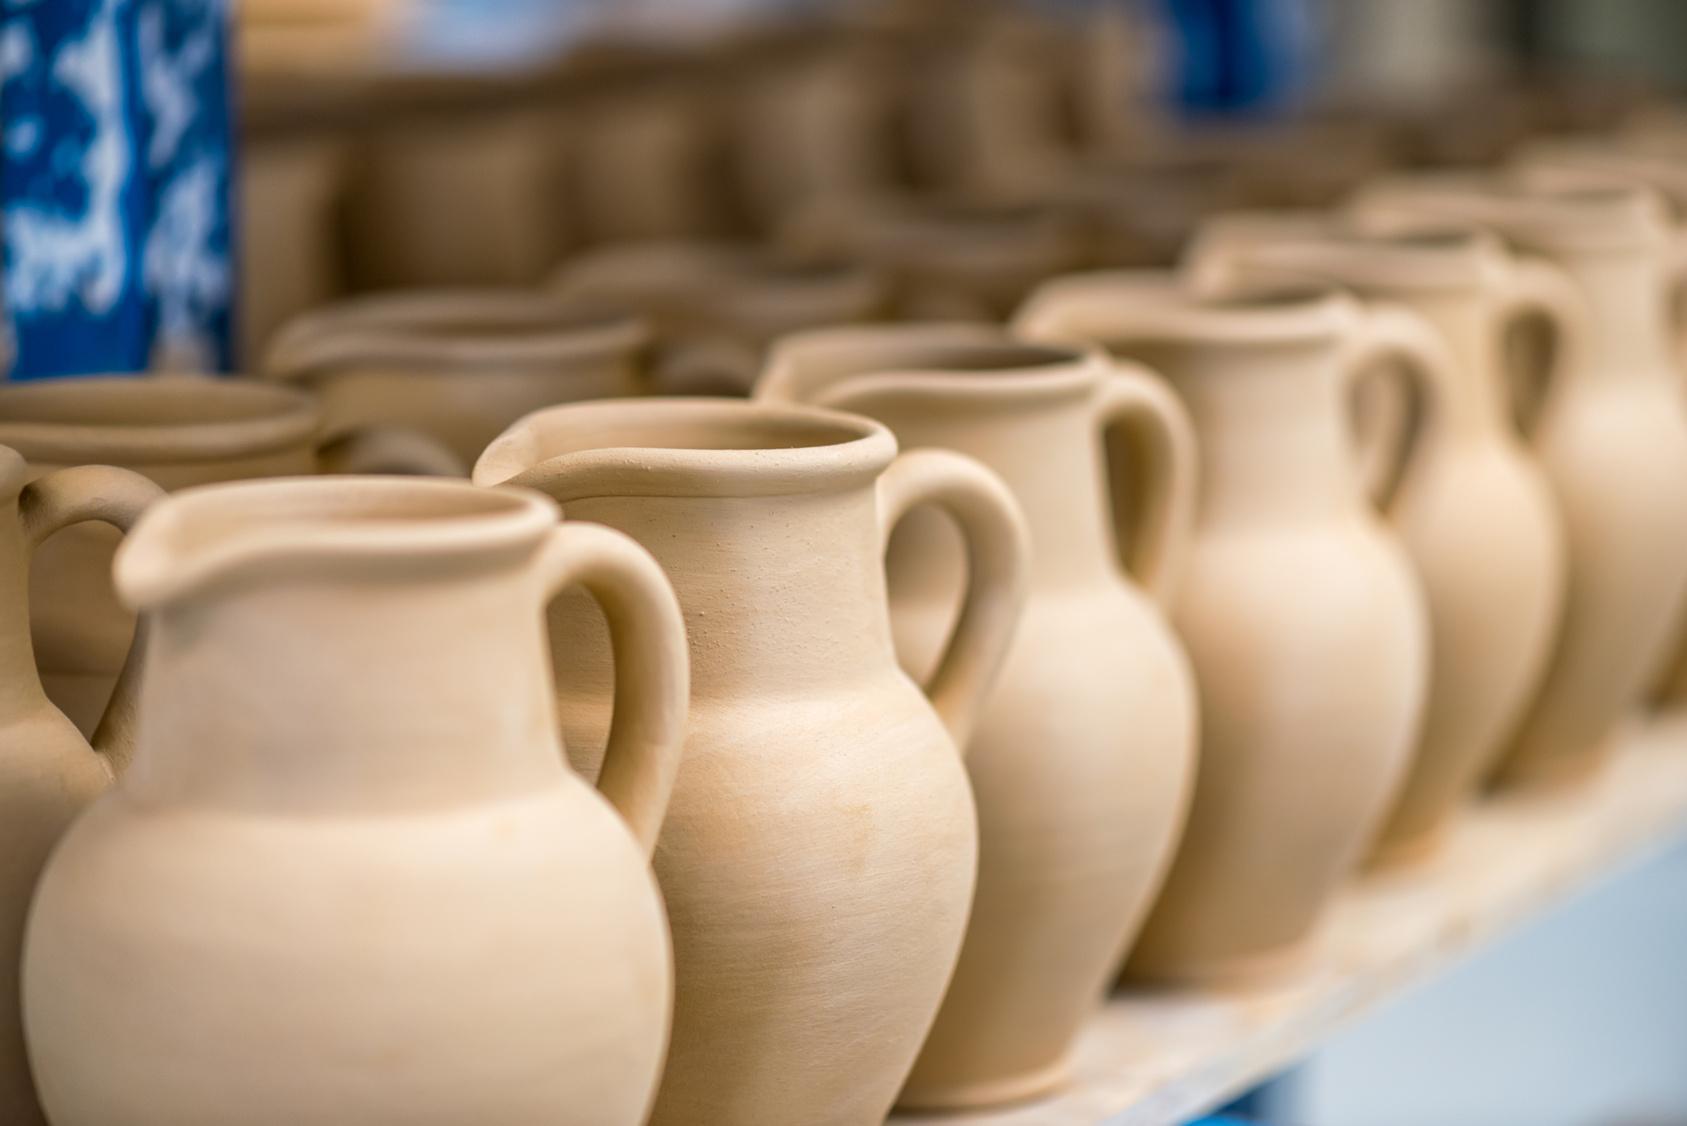 Curso Técnico em Cerâmica | Central Pronatec